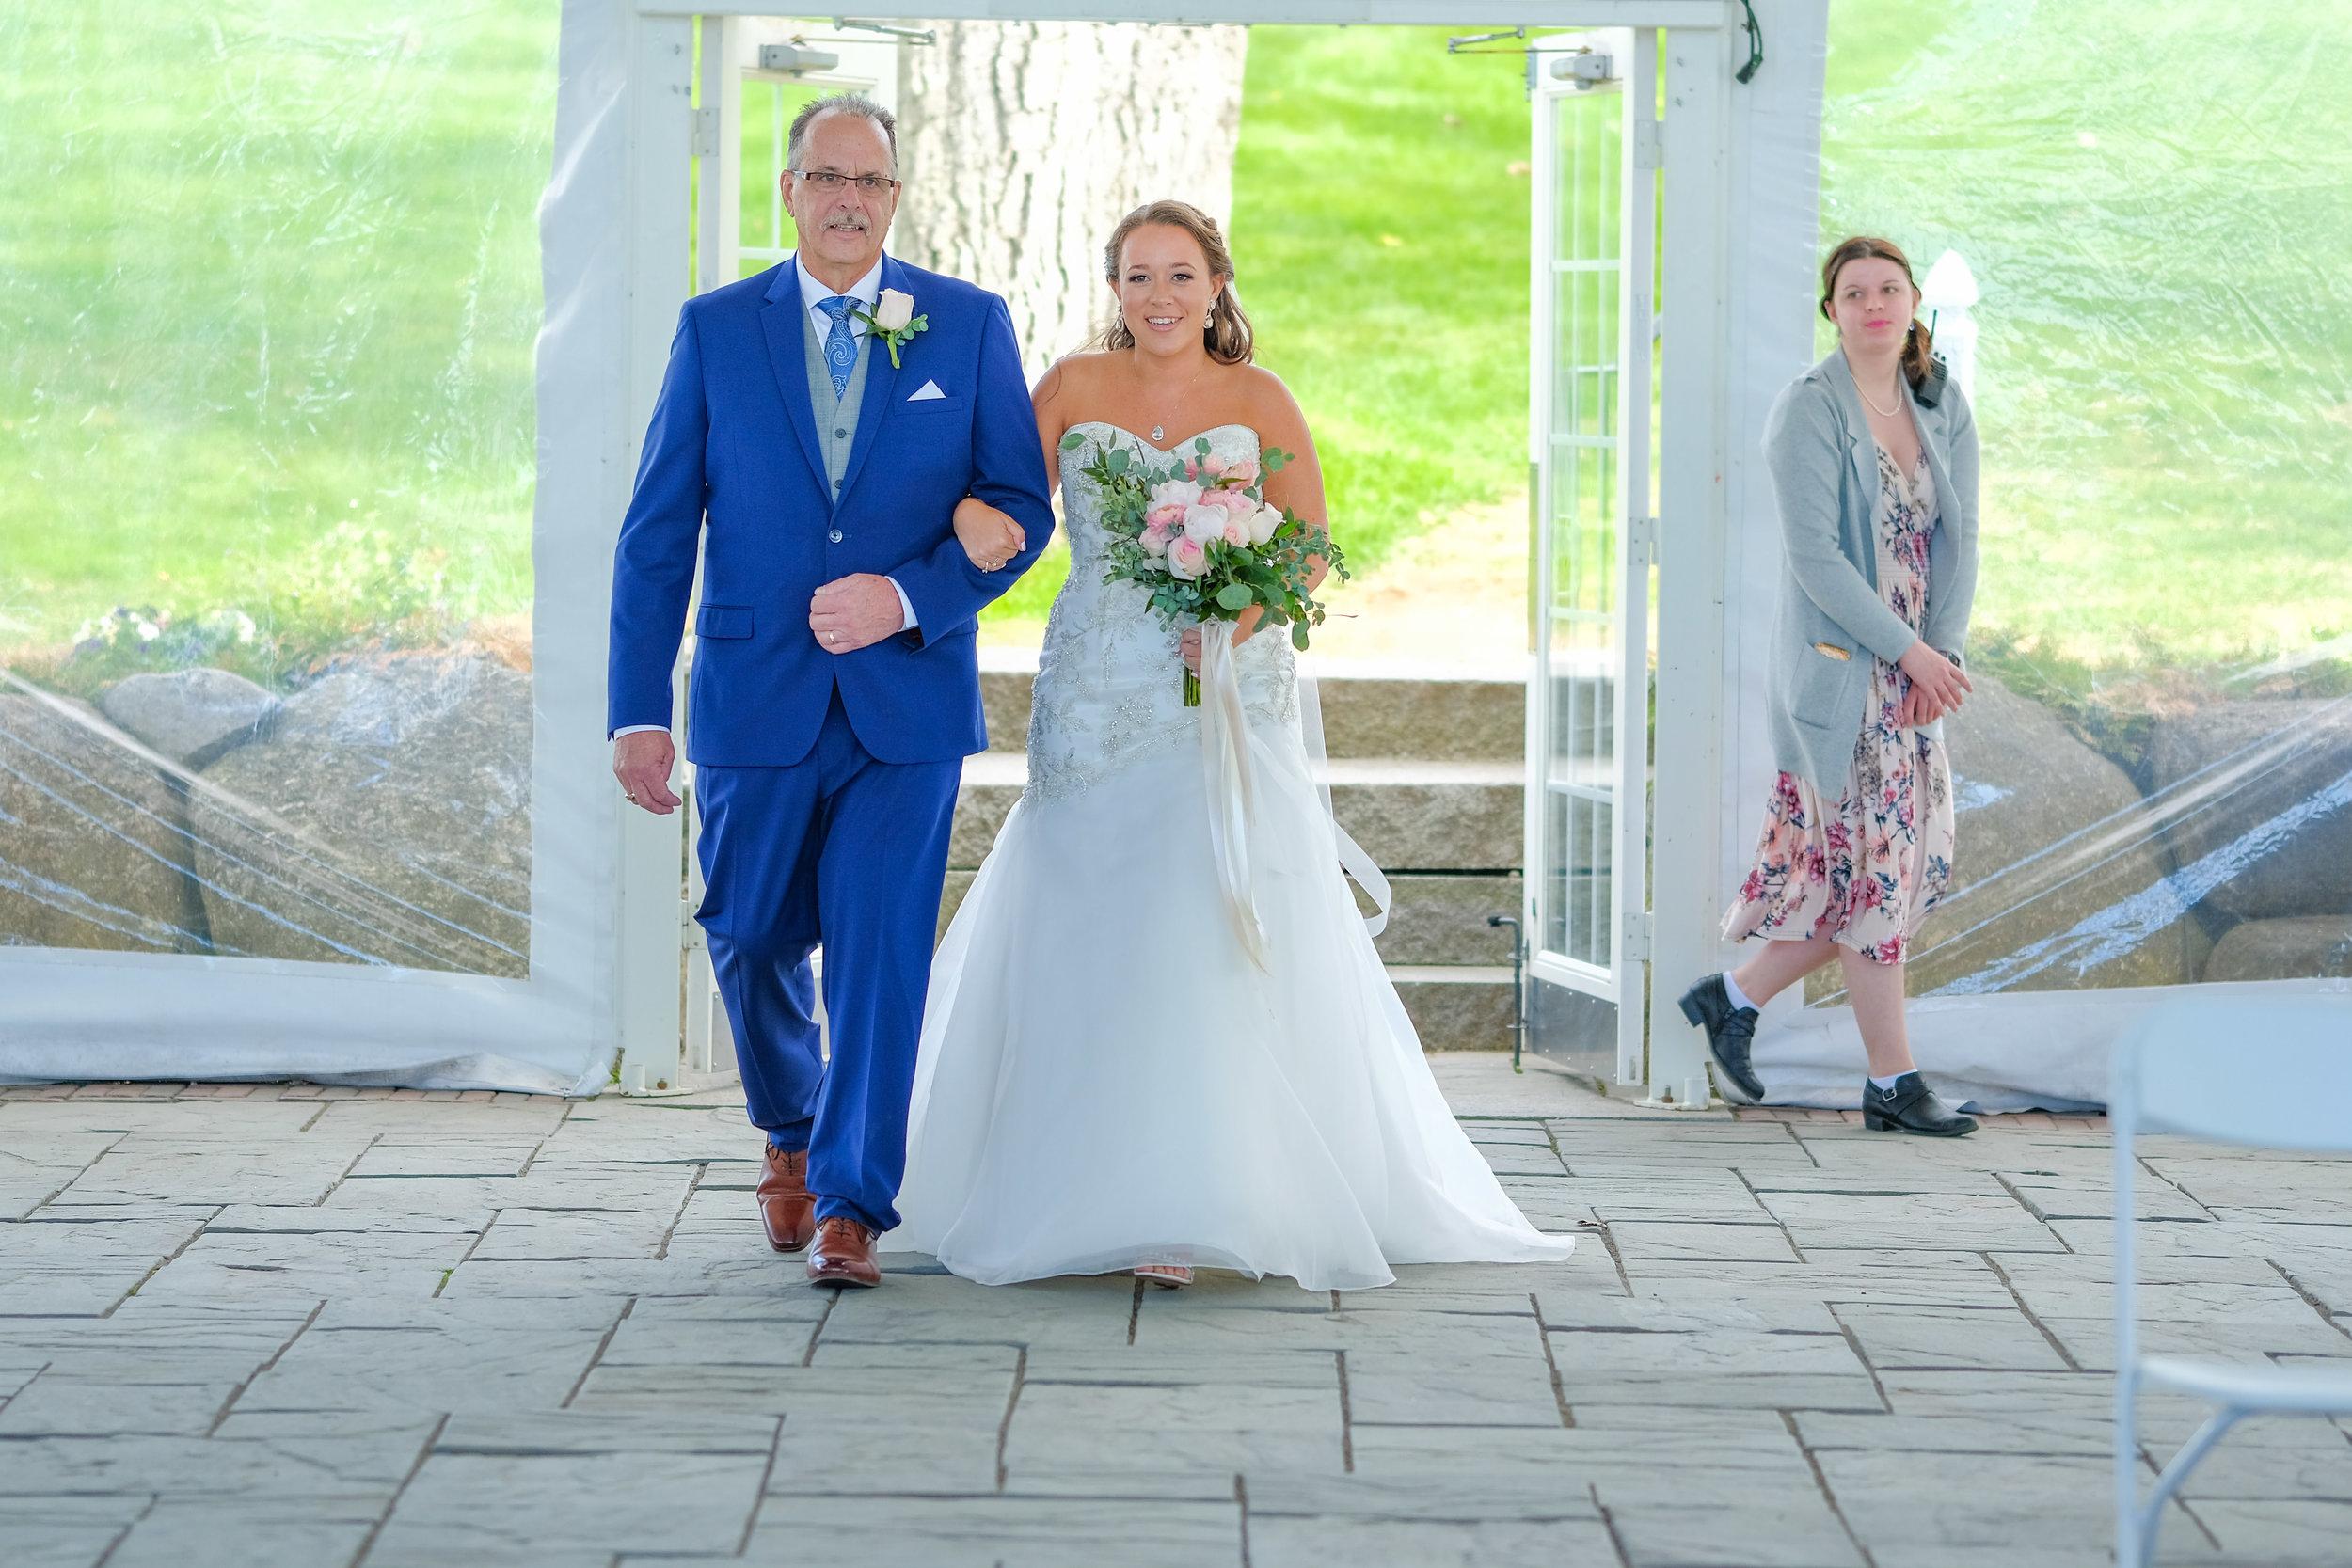 laconia-margate-wedding-photography-210.jpg